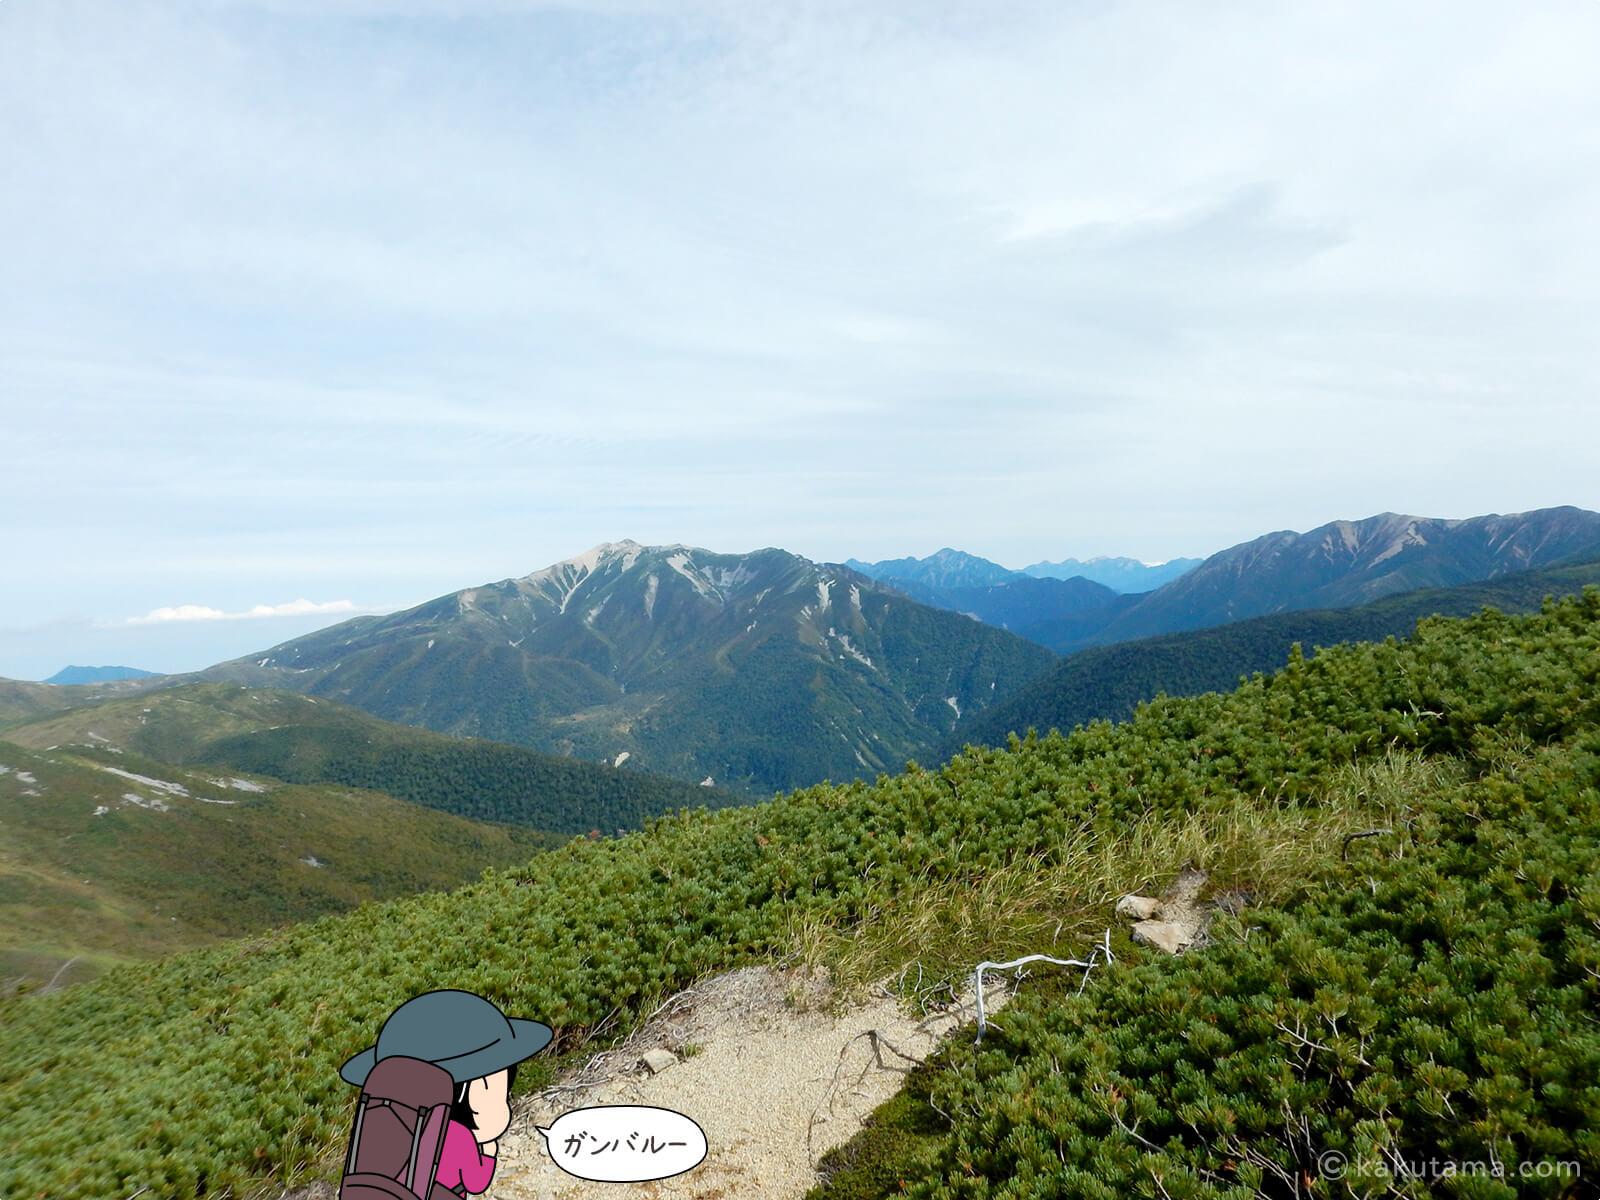 黒部五郎岳の登山道から風景を見る